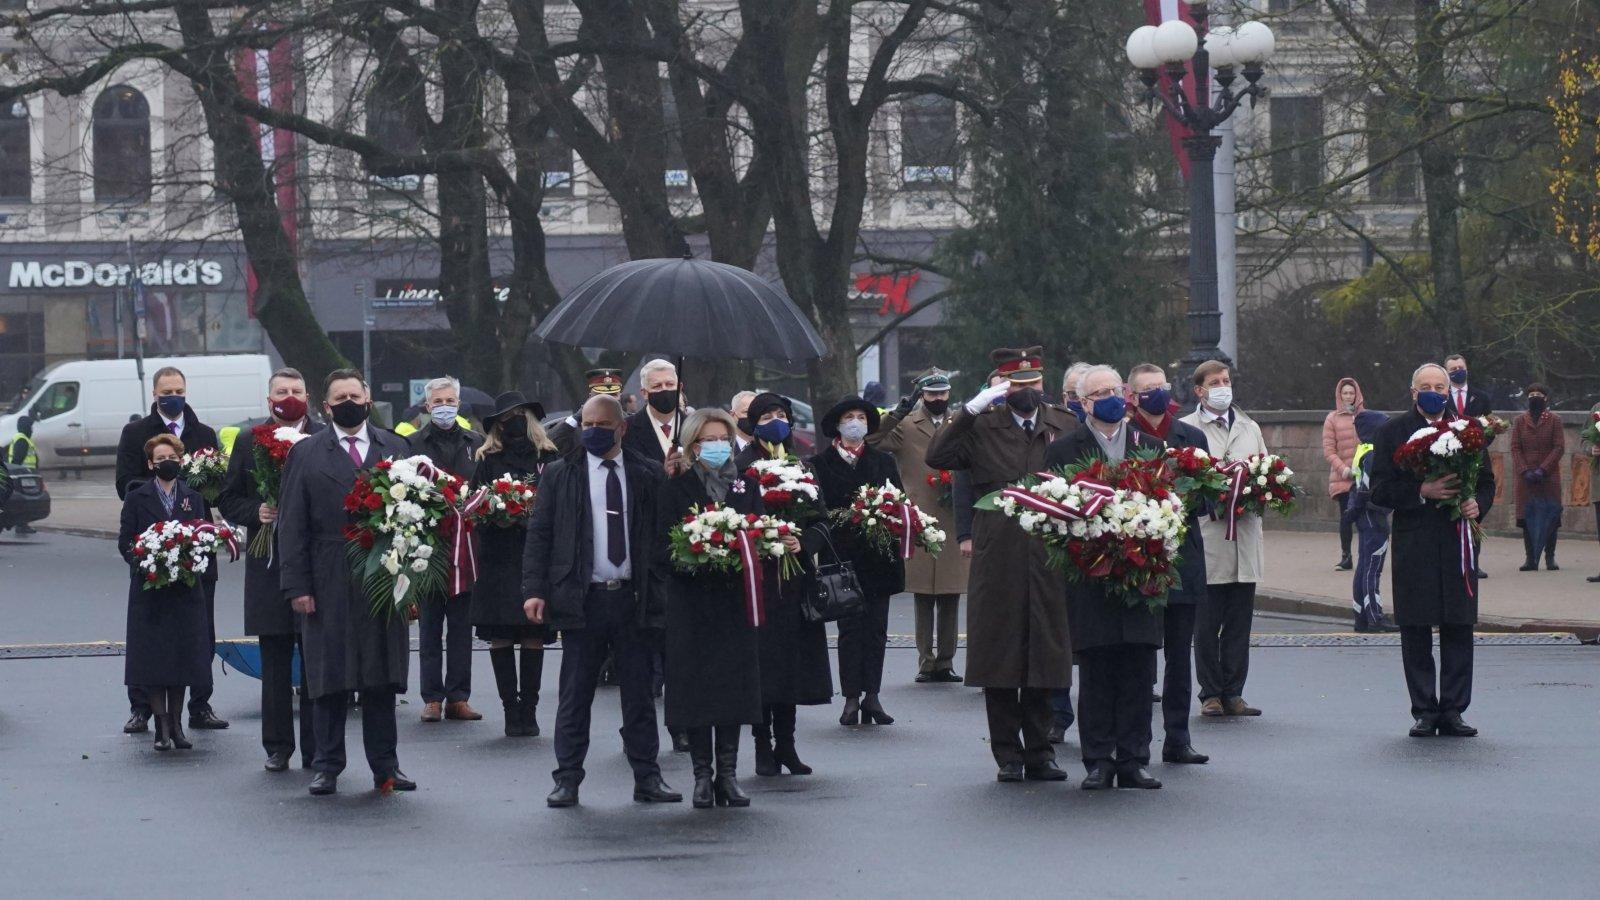 11月18日,在拉脫維亞首都里加,拉脫維亞總統萊維茨(前右)、議長穆爾涅採(前左)等政要向自由紀念碑獻花。(新華社)